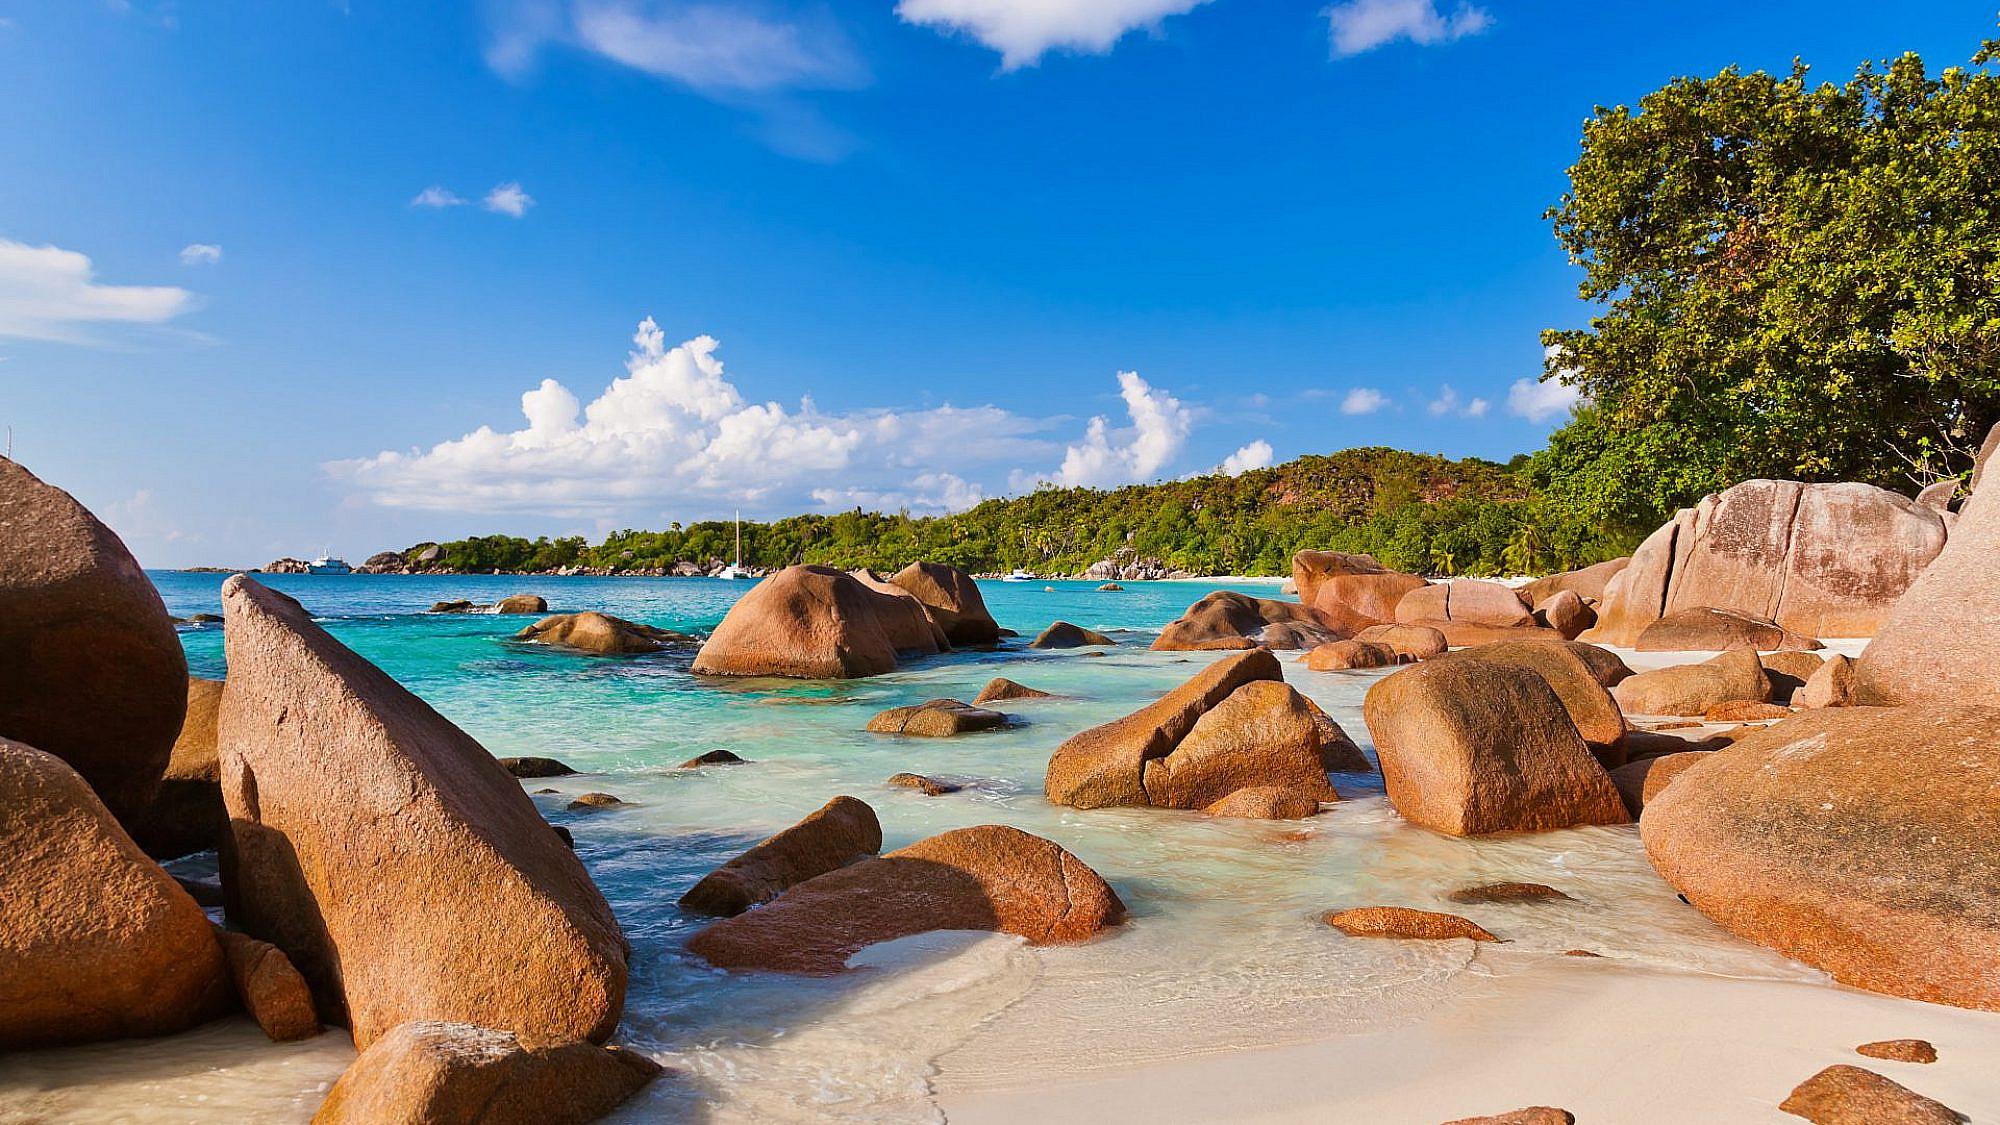 חוף אנסה לאציו, האי מאהה, סיישל   צילום: Shutterstock